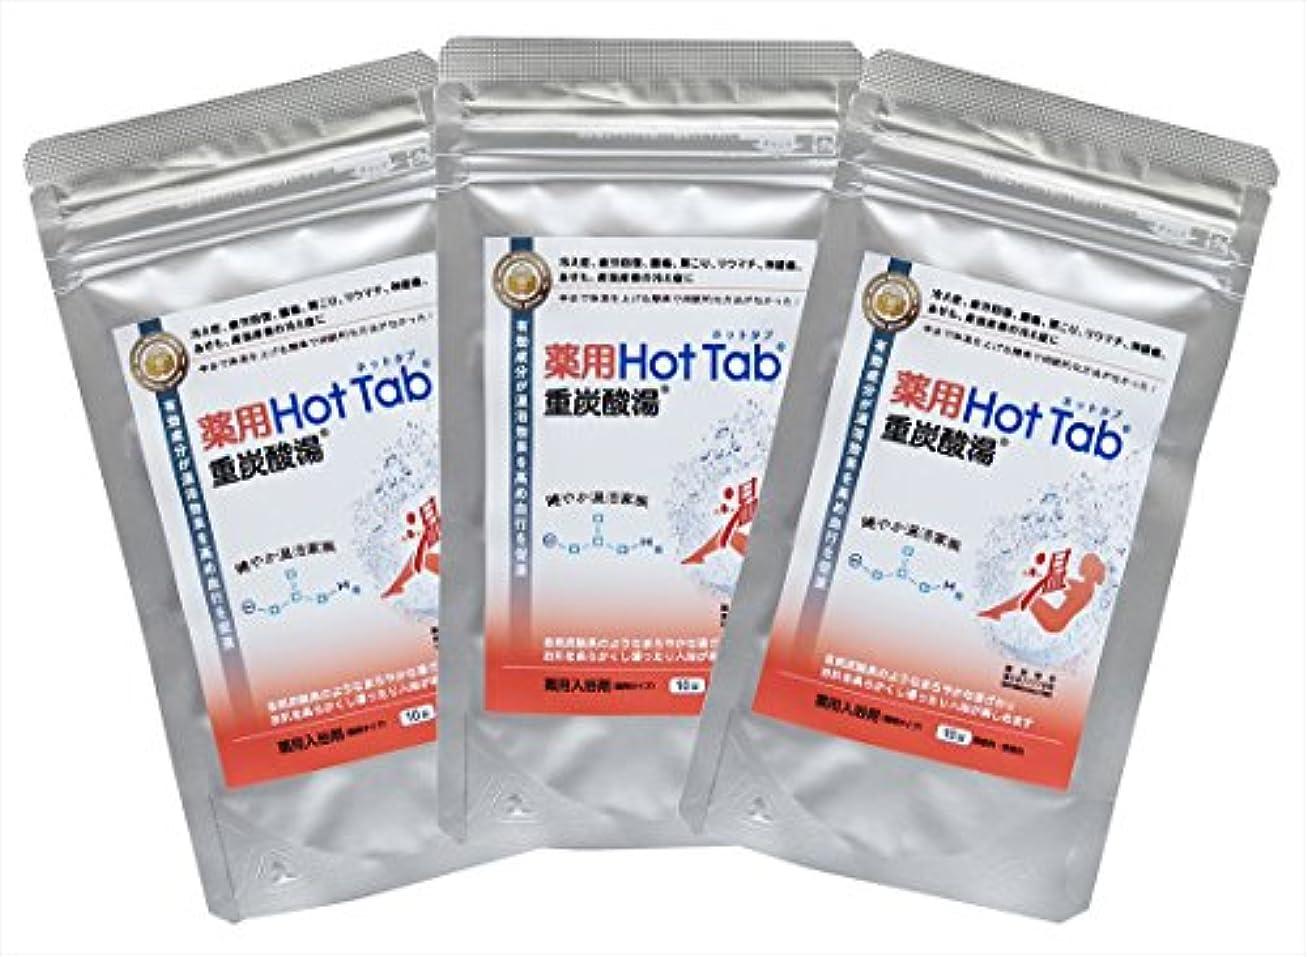 パット呼びかける予算薬用 Hot Tab 重炭酸湯 10錠入りx3セット